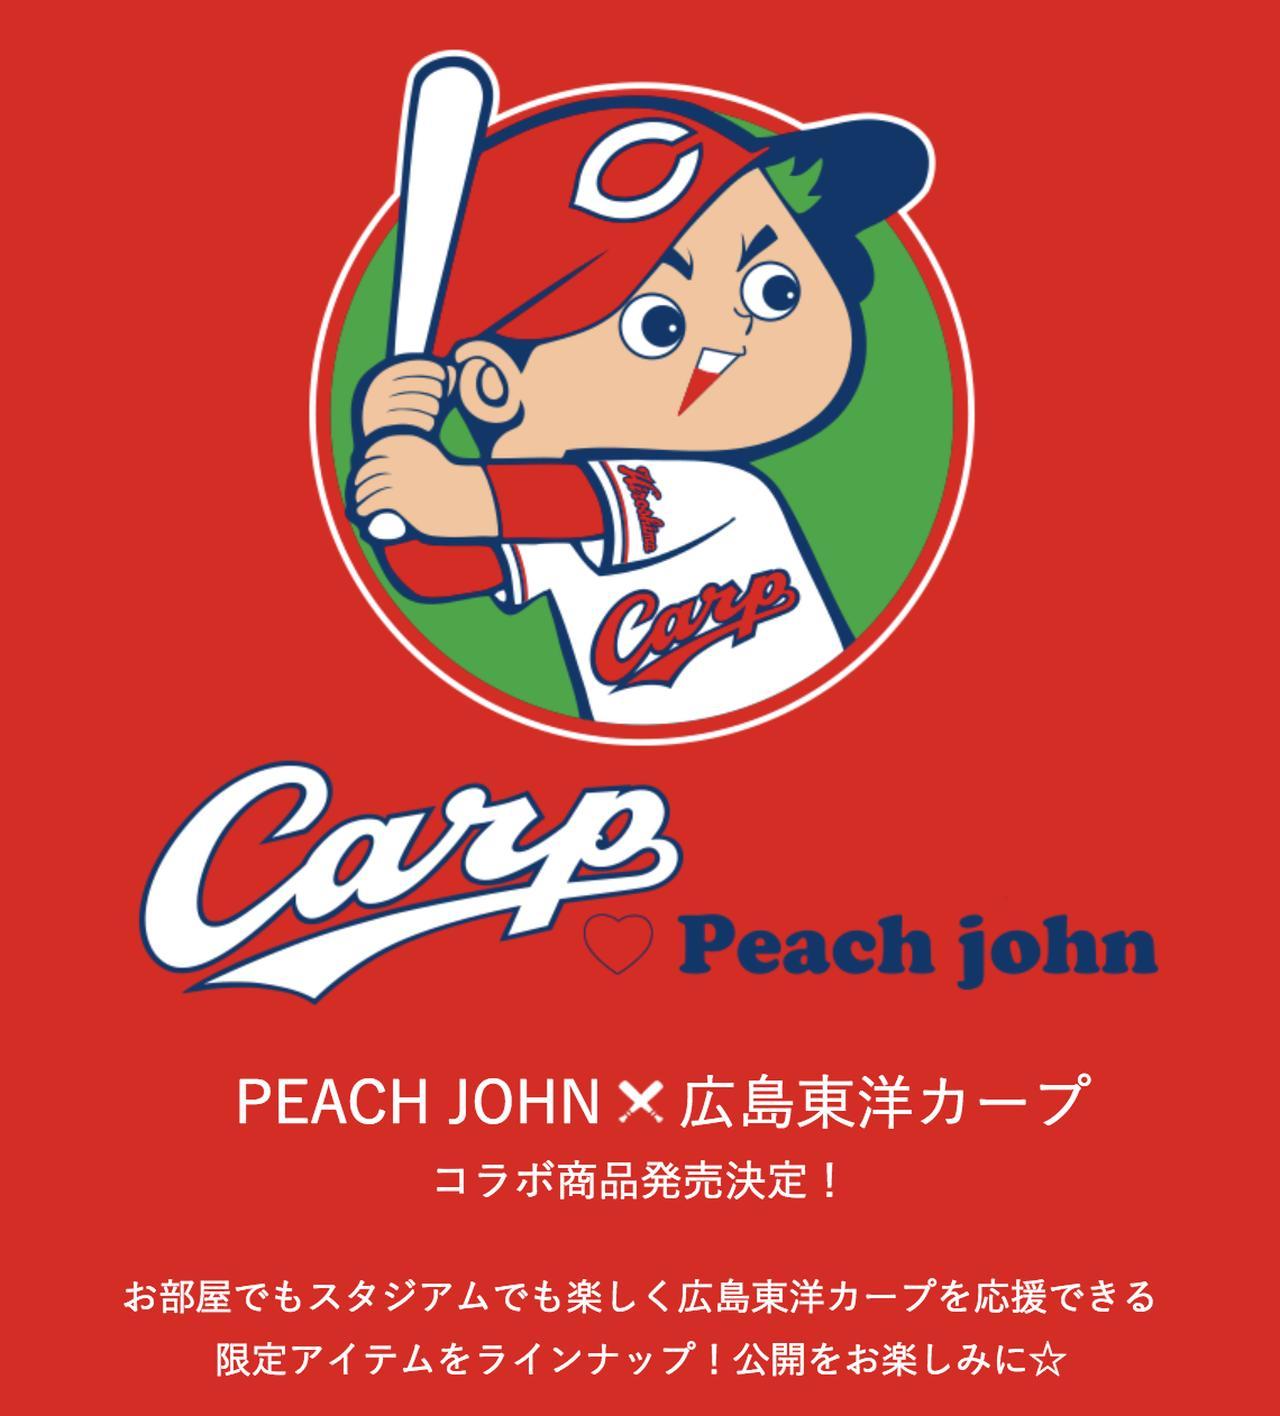 画像: www.peachjohn.co.jp